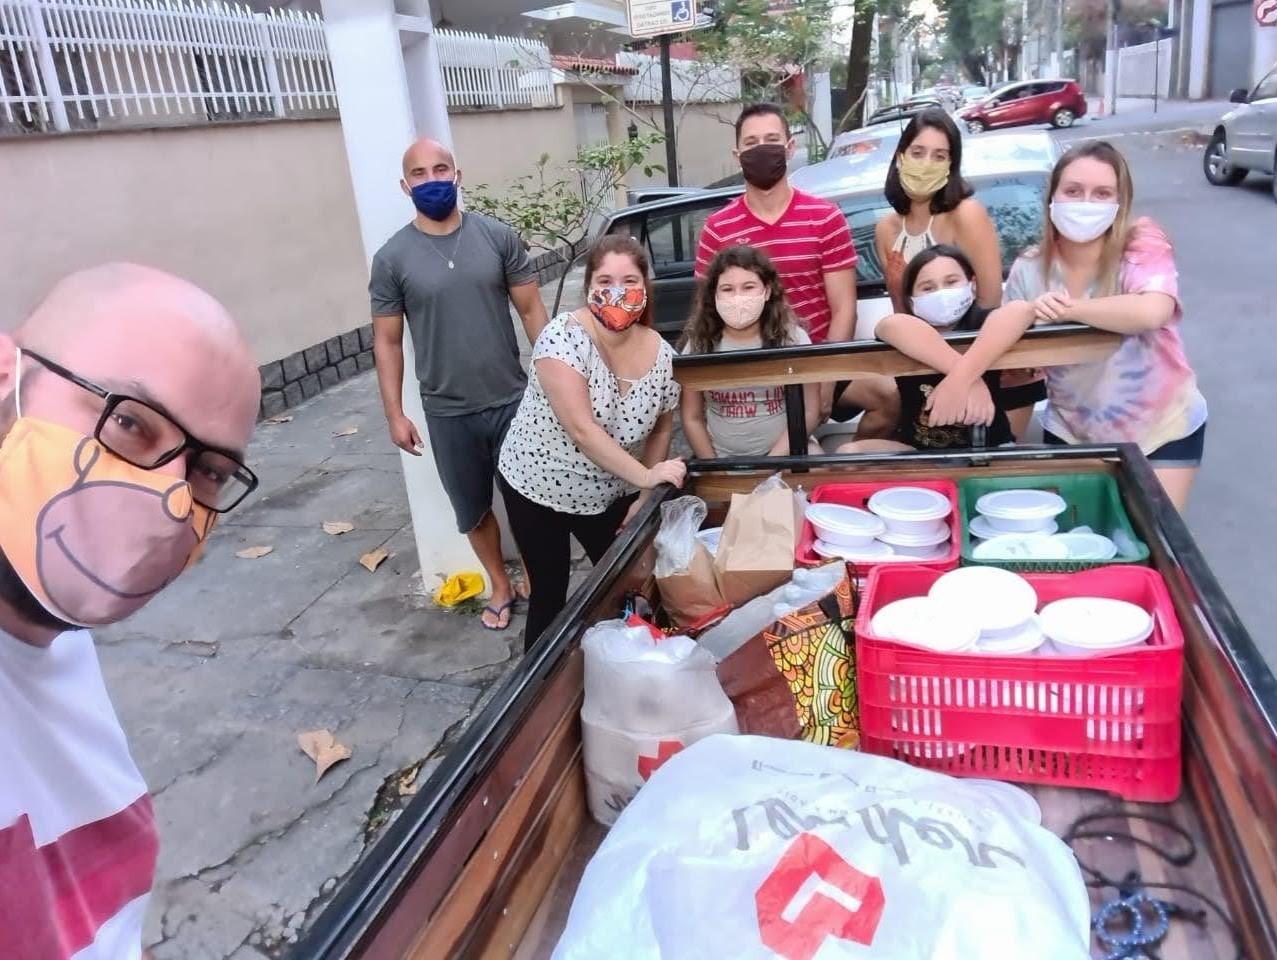 Projeto social que distribuiu refeições para população vulnerável de Niterói promove Natal Solidário